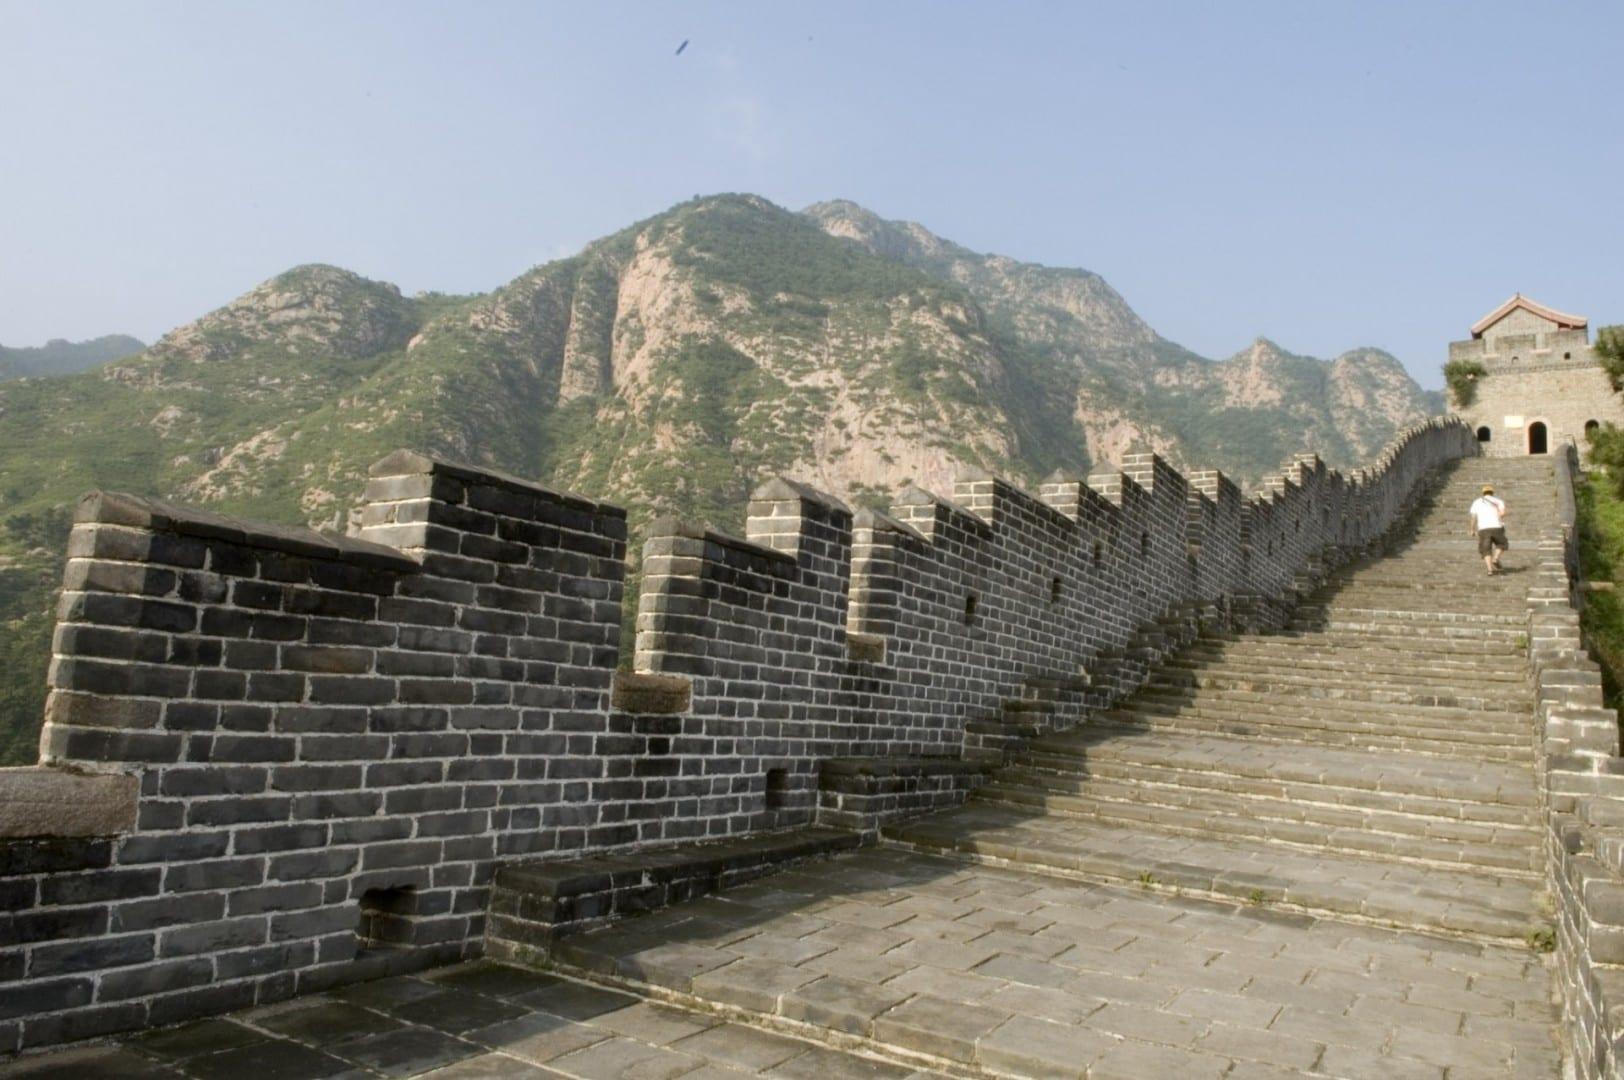 La porción de la Gran Muralla de Qinhuangdao Qinhuangdao China